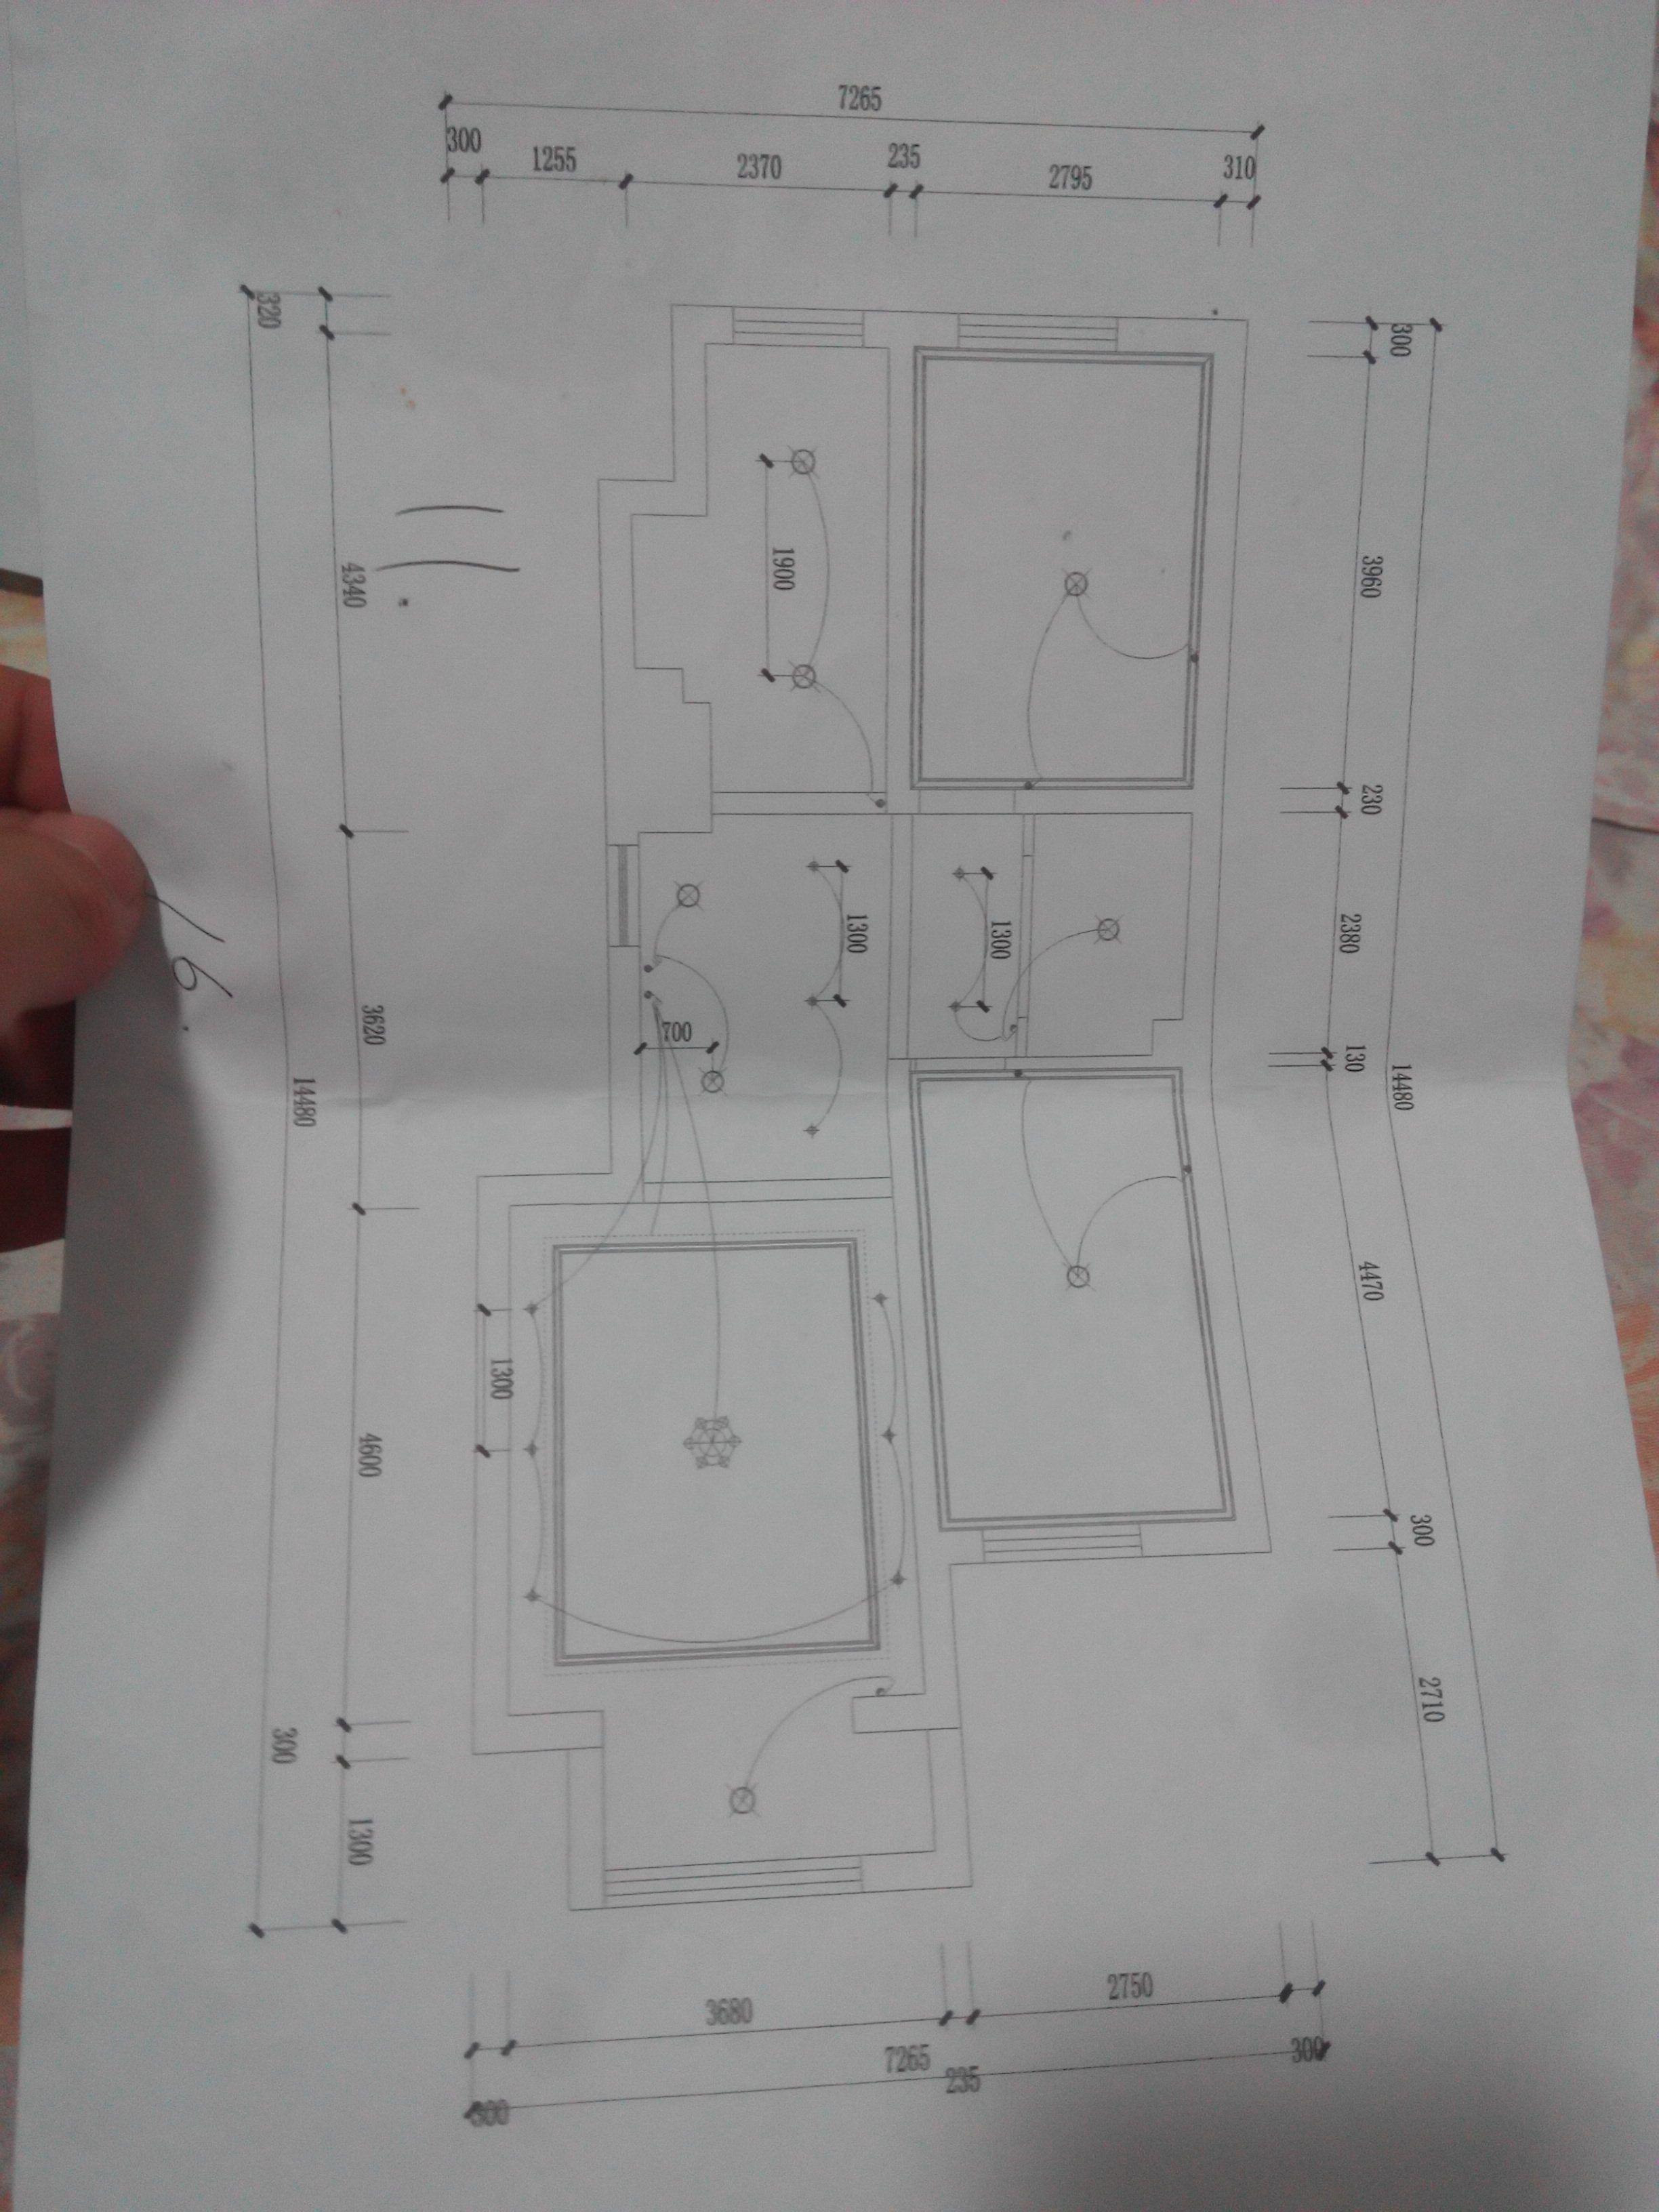 Solidworks 简单的平面图怎么画 画平面图的三个步骤 怎么样画平面图 小学生画平面图的步骤 用电脑怎么画平面图